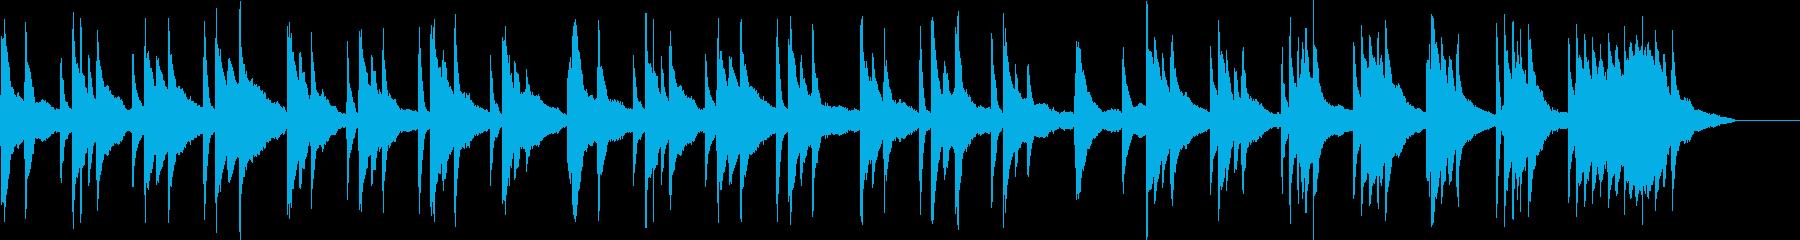 静かな雰囲気のピアノ曲の再生済みの波形